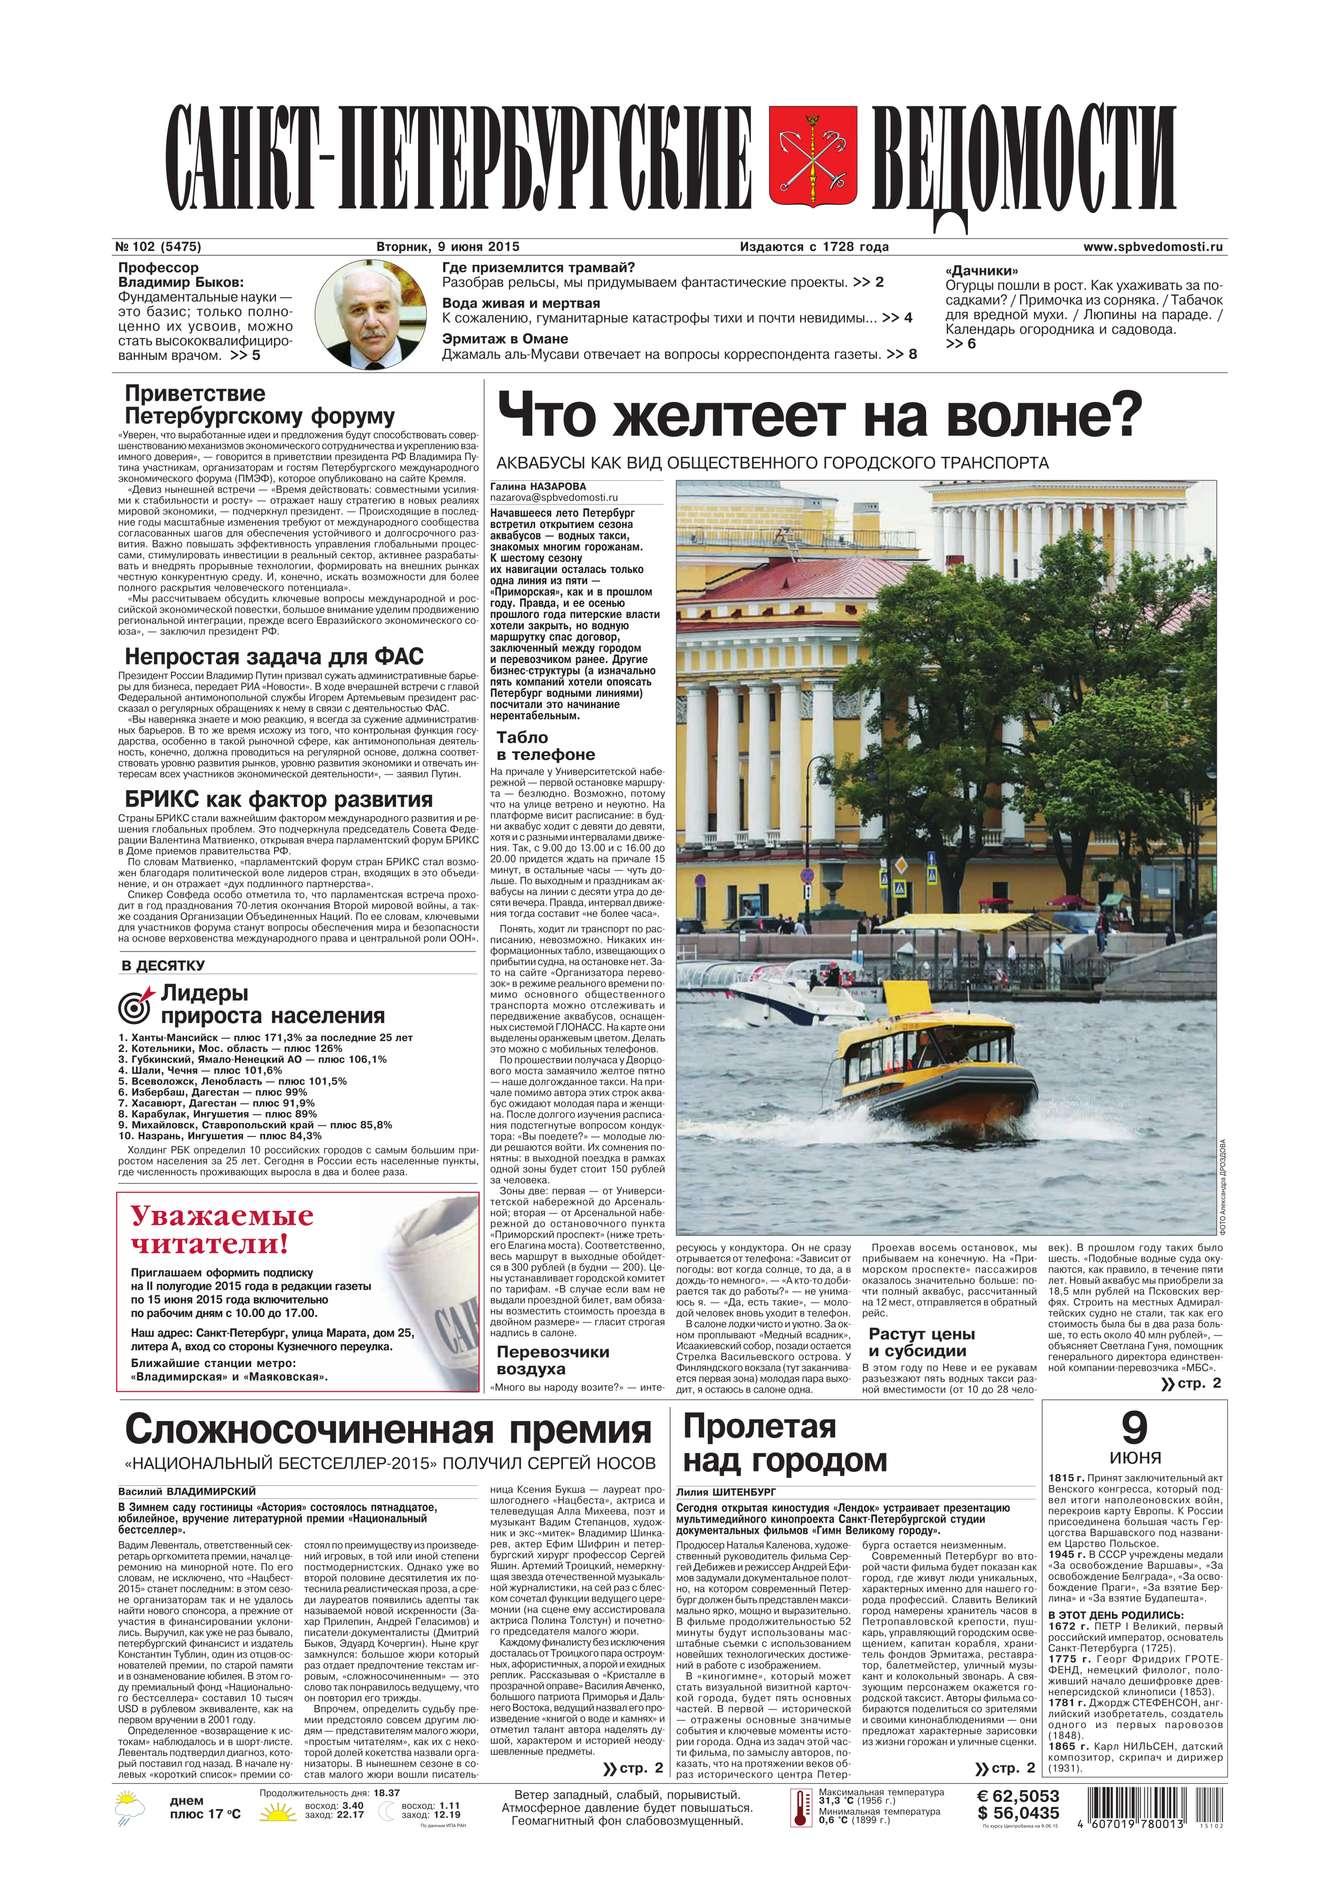 Редакция газеты Санкт-Петербургские ведомости 102-2015